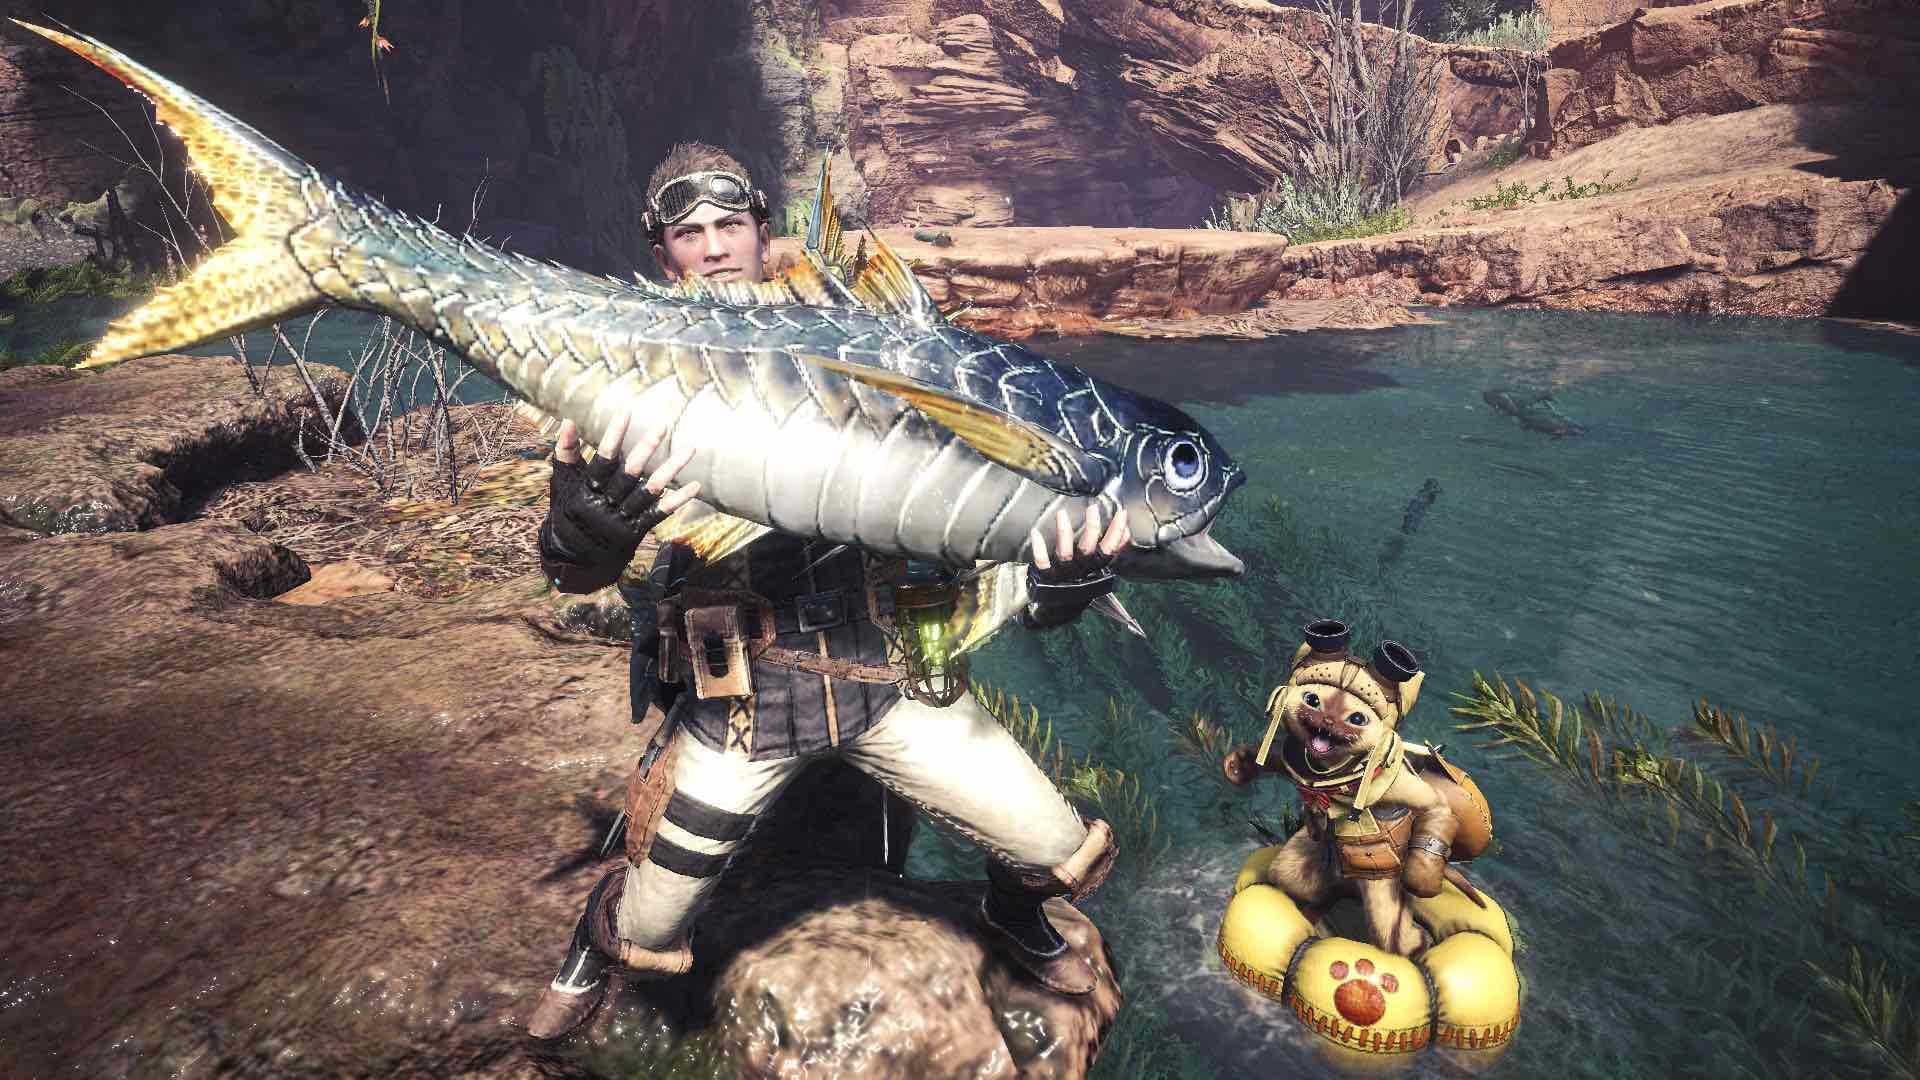 その魚のキレアジはいかが?の開催日